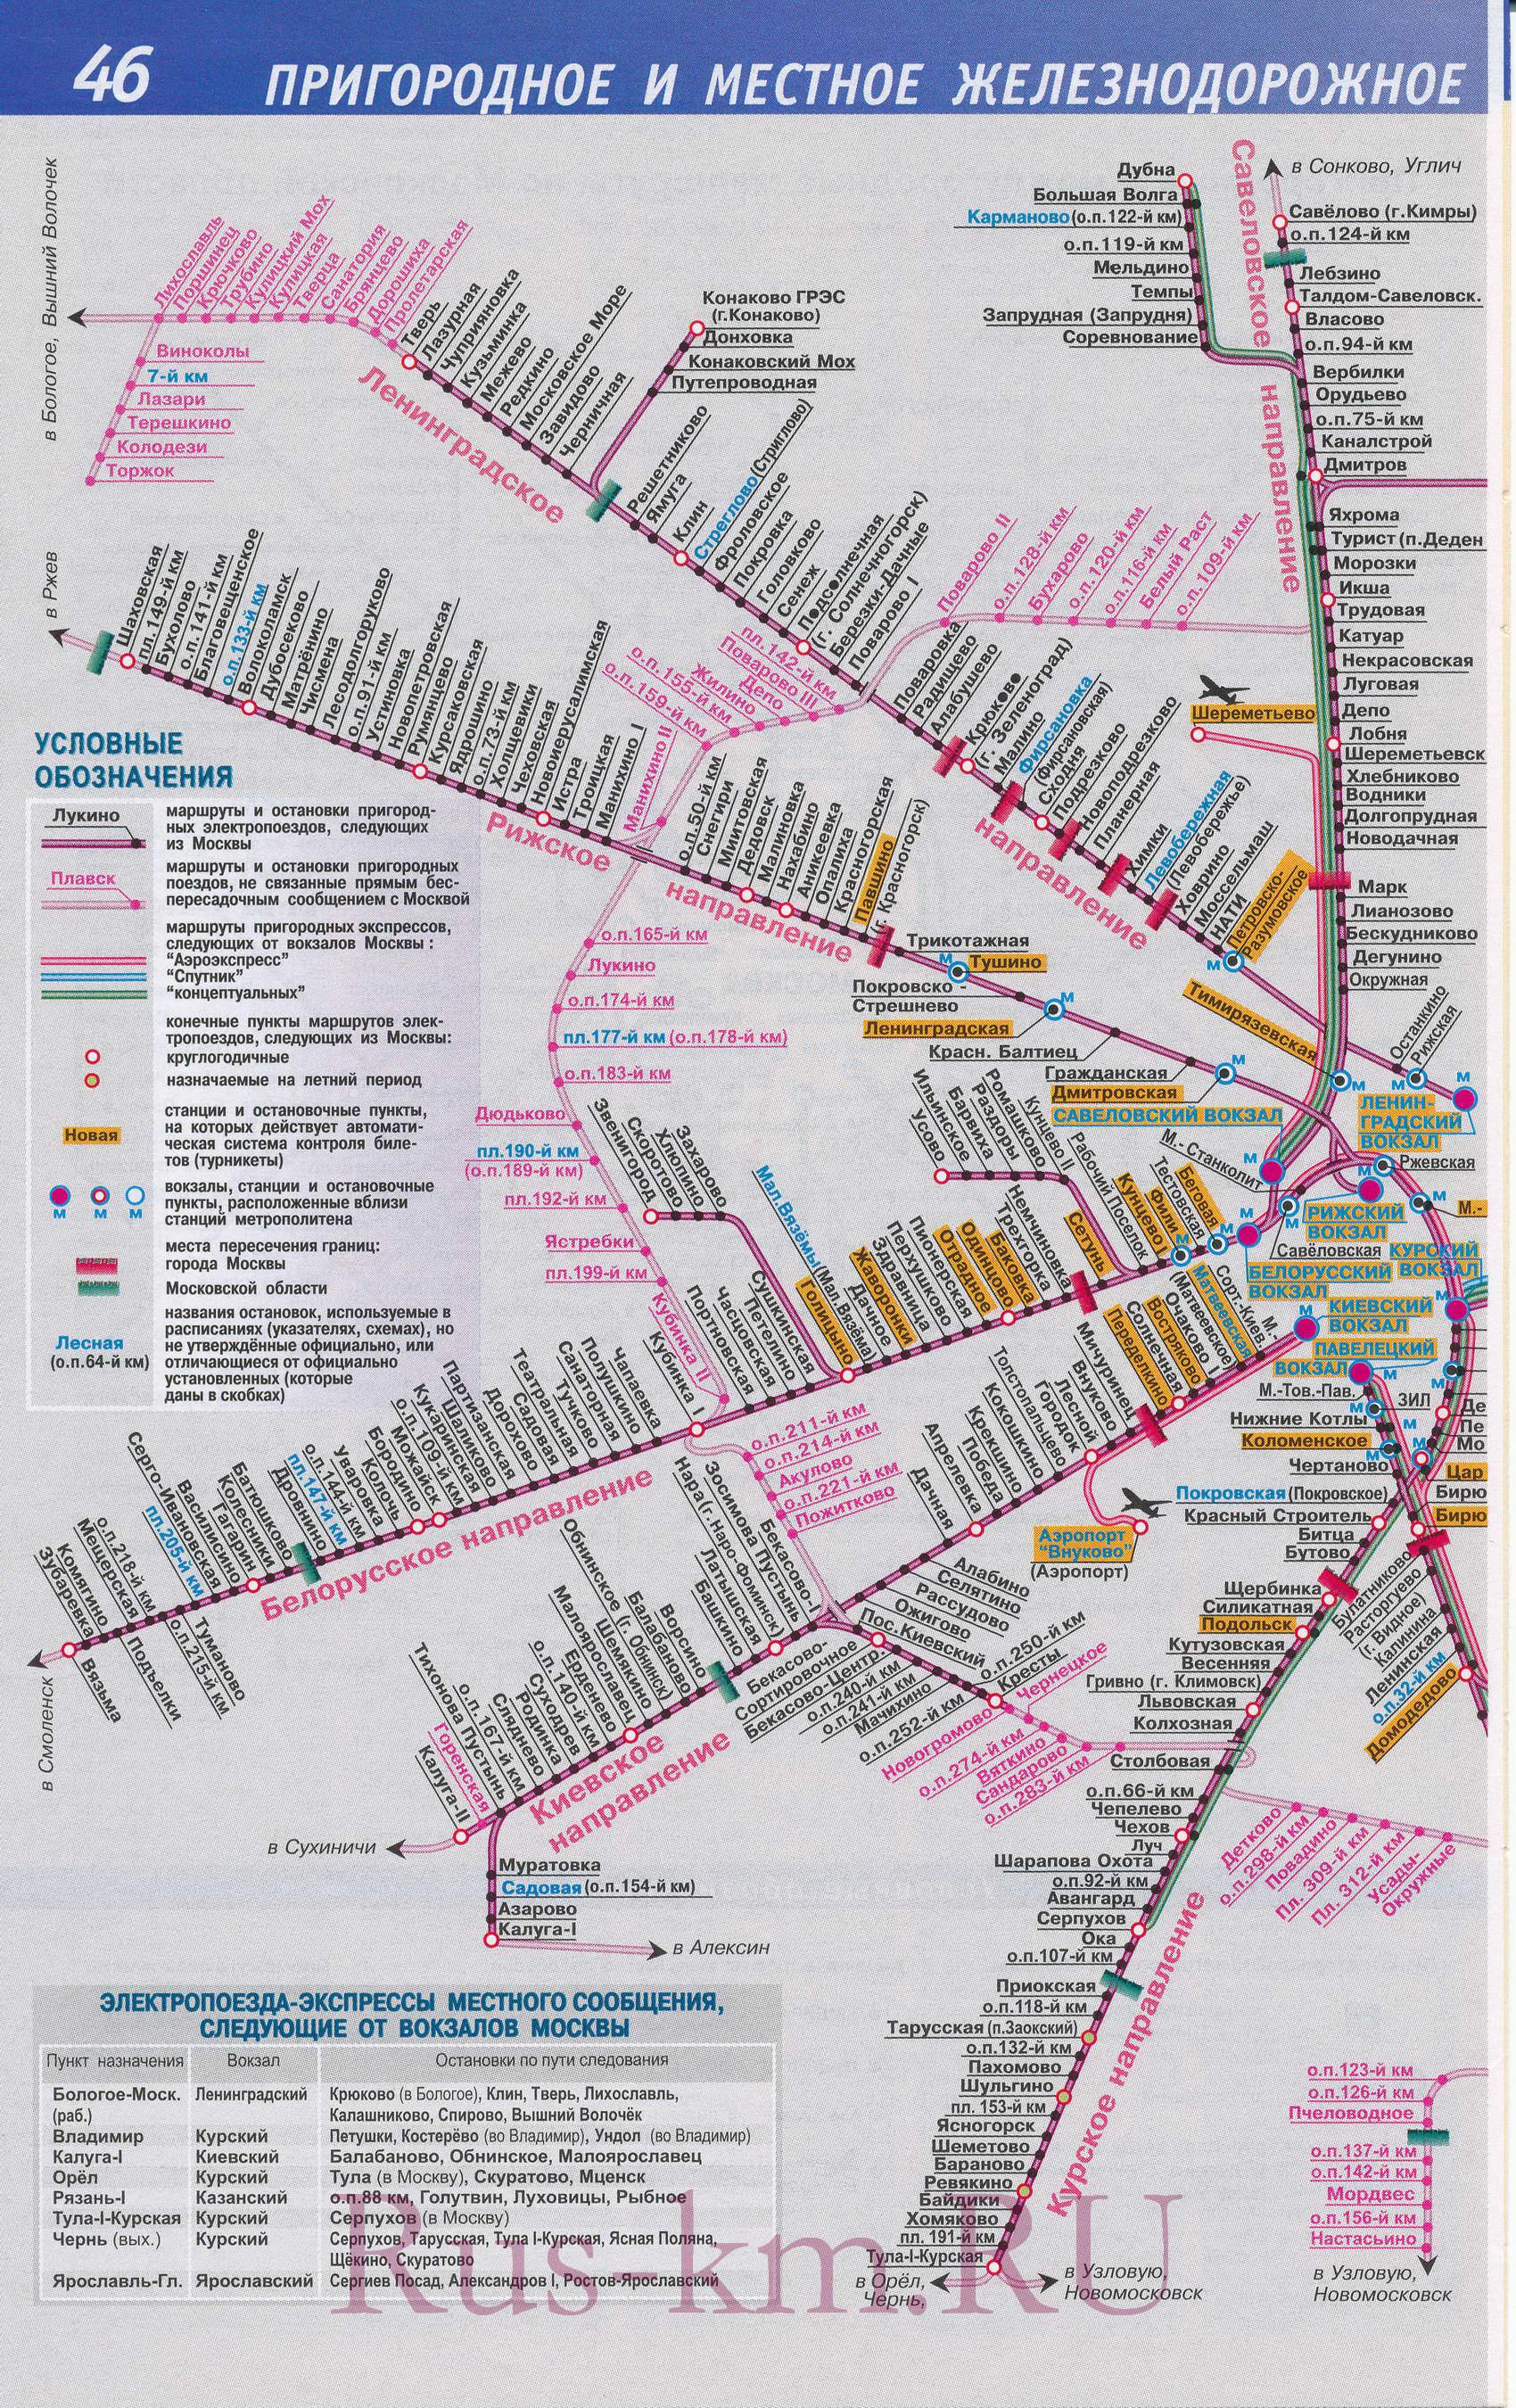 Карта пригородных железных дорог Москвы.  Карта схема линий железнодорожного сообщения Москвы.